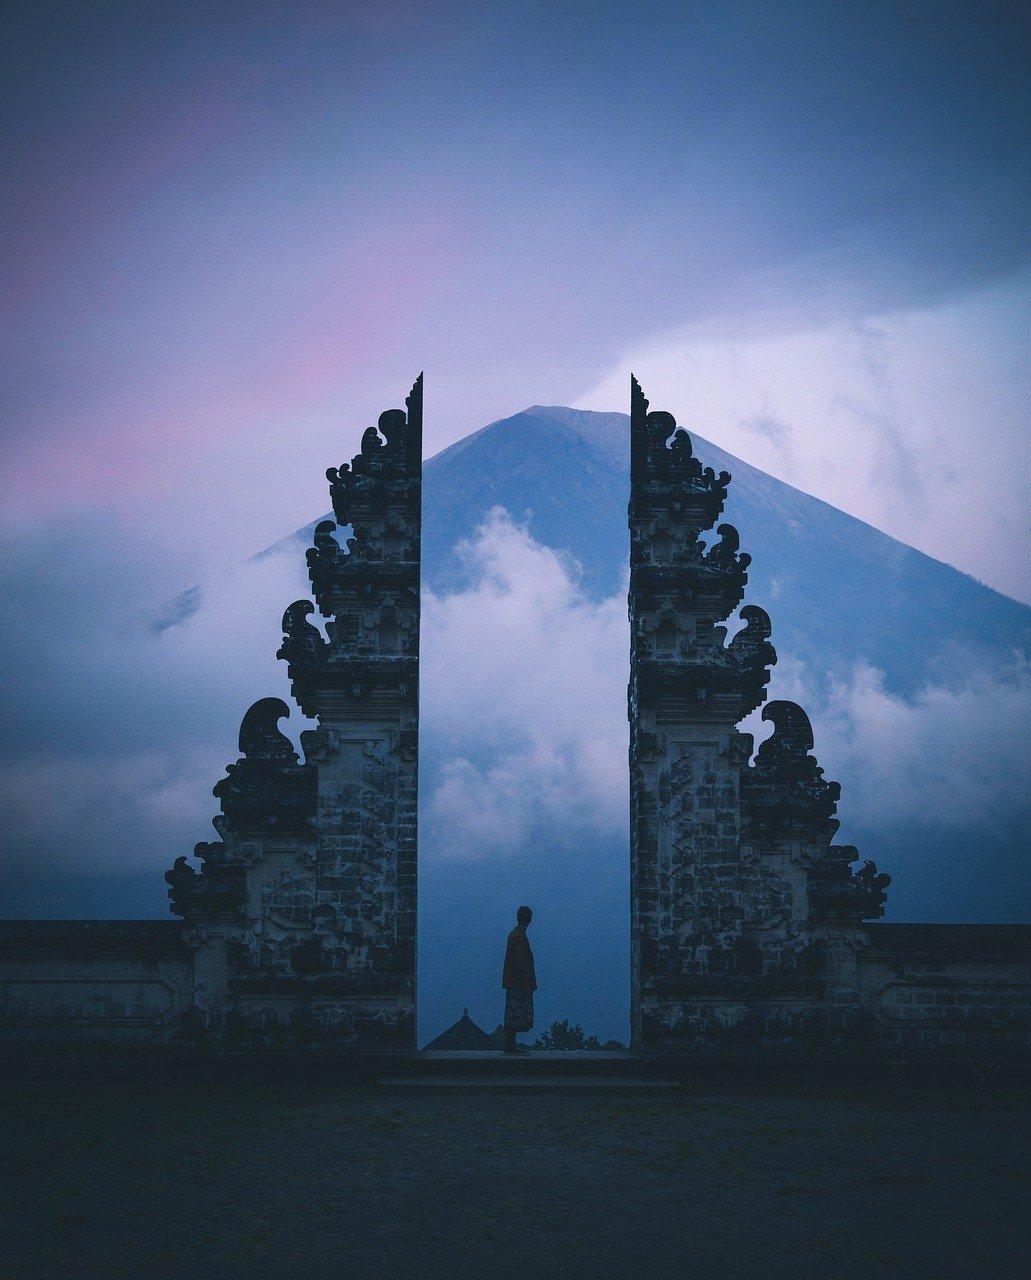 Lempuyang Luhur sunrise in bali